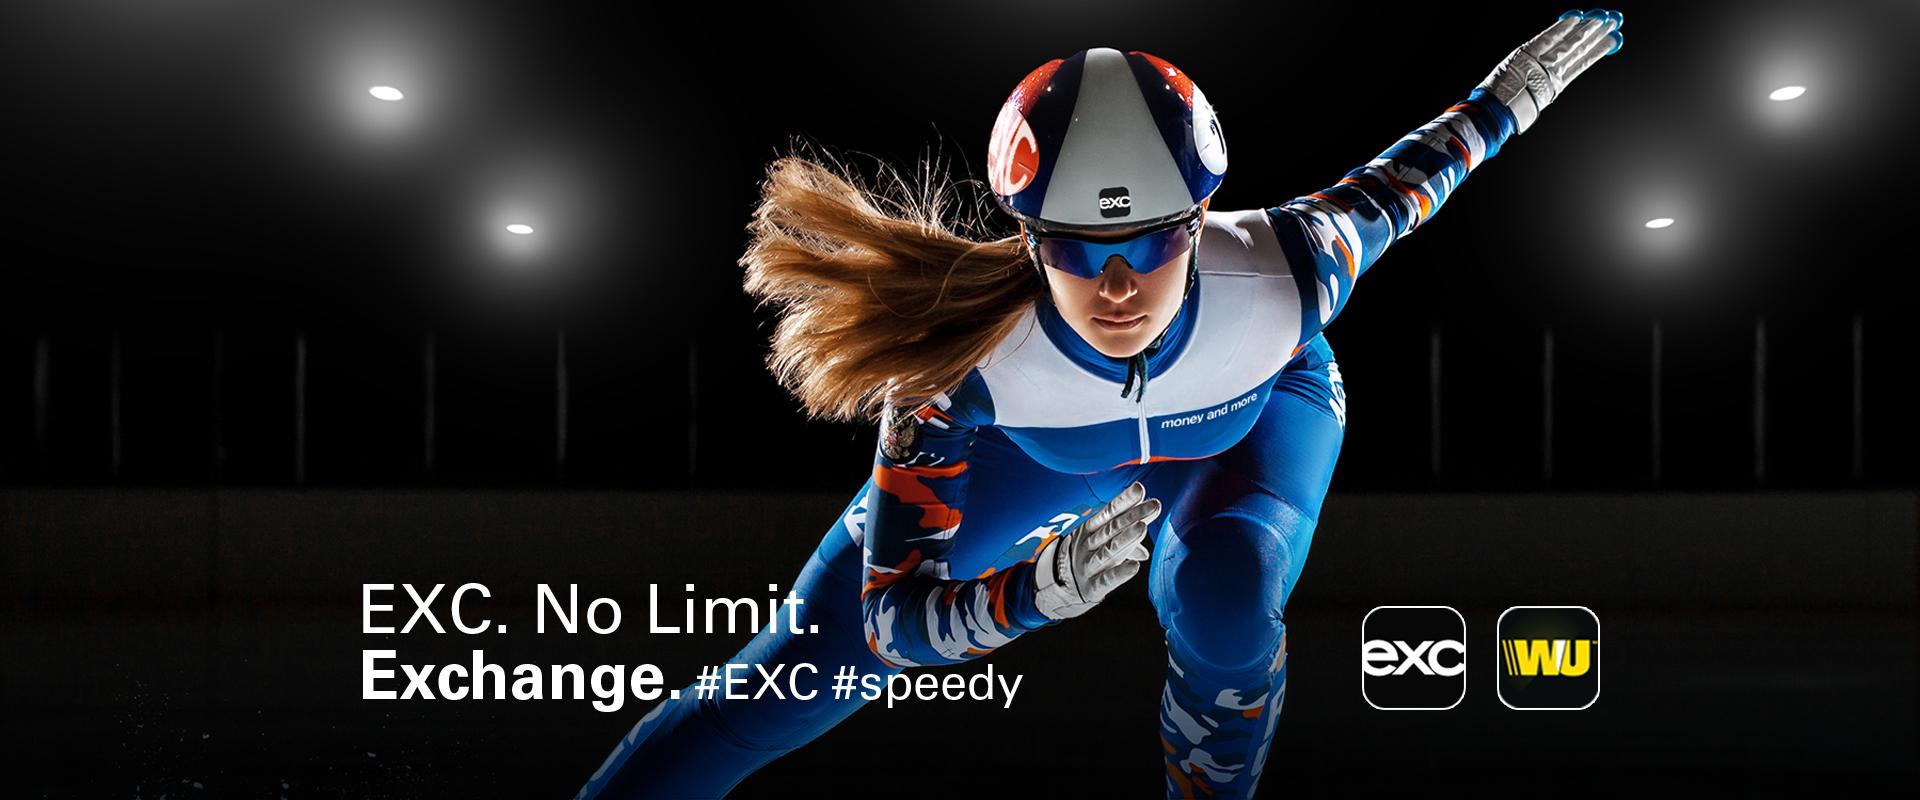 No limit. #Speedy